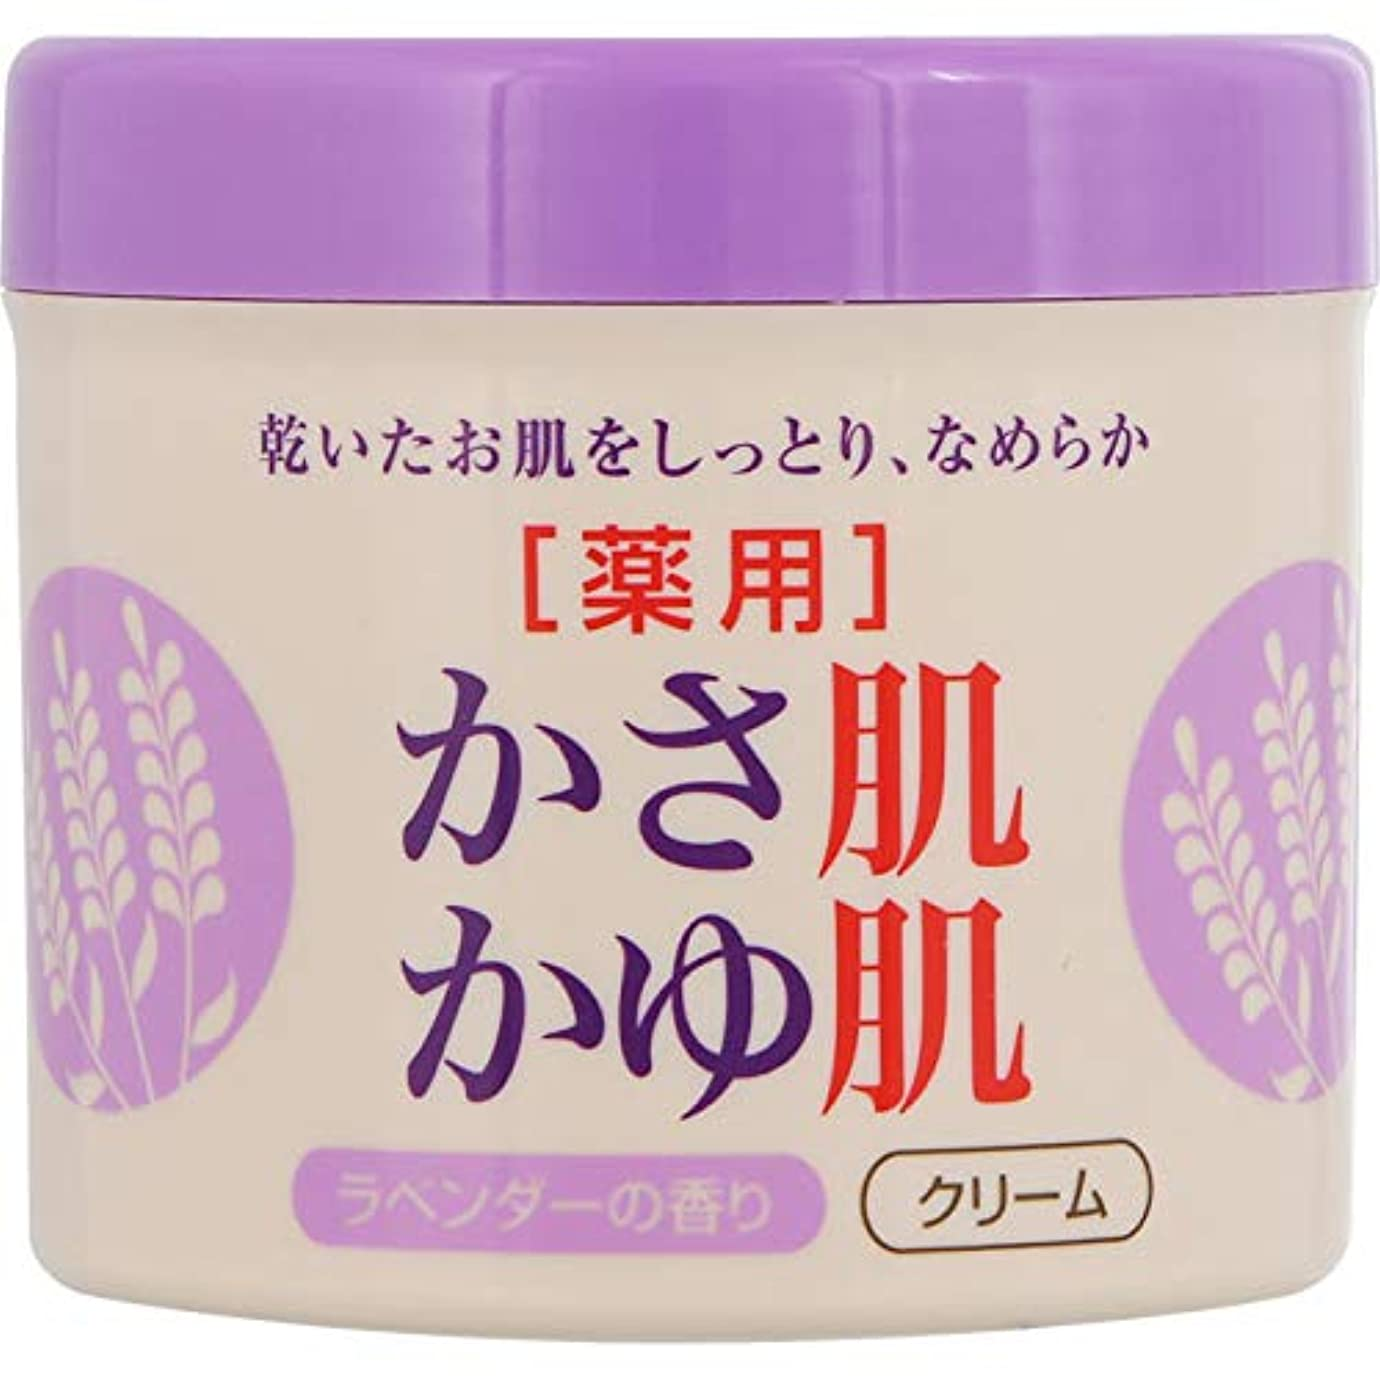 伝導遵守する危険な薬用かさ肌かゆ肌ミルキークリーム ラベンダー 280g (医薬部外品)